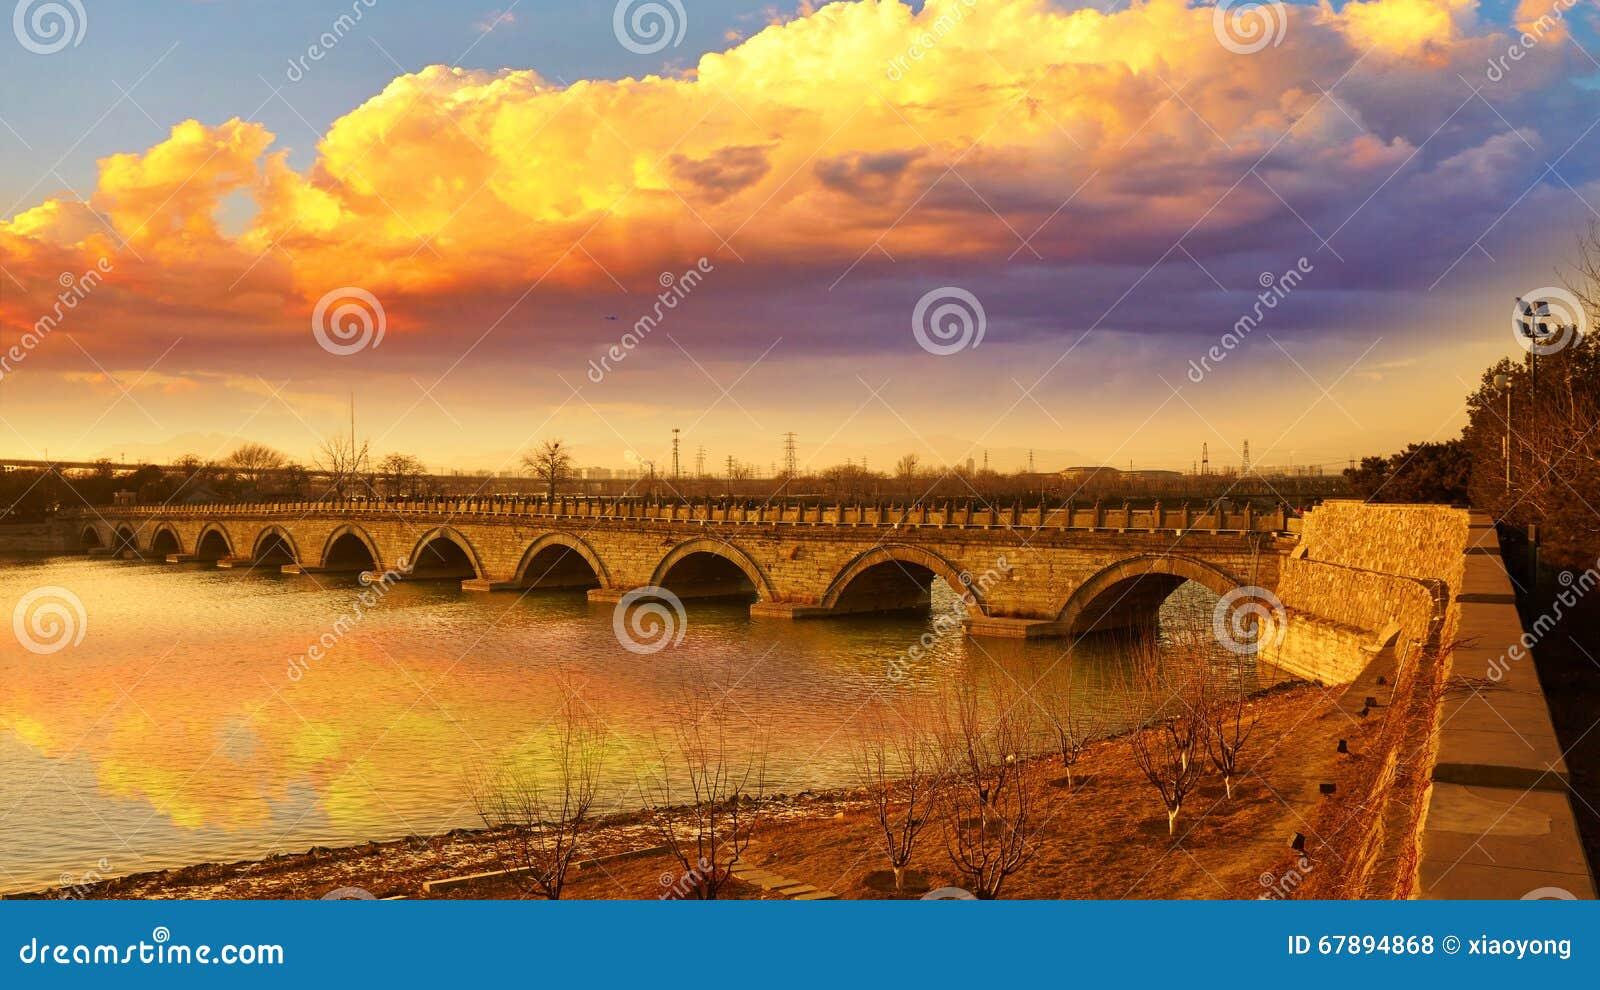 芦沟桥,丰台,中国地标